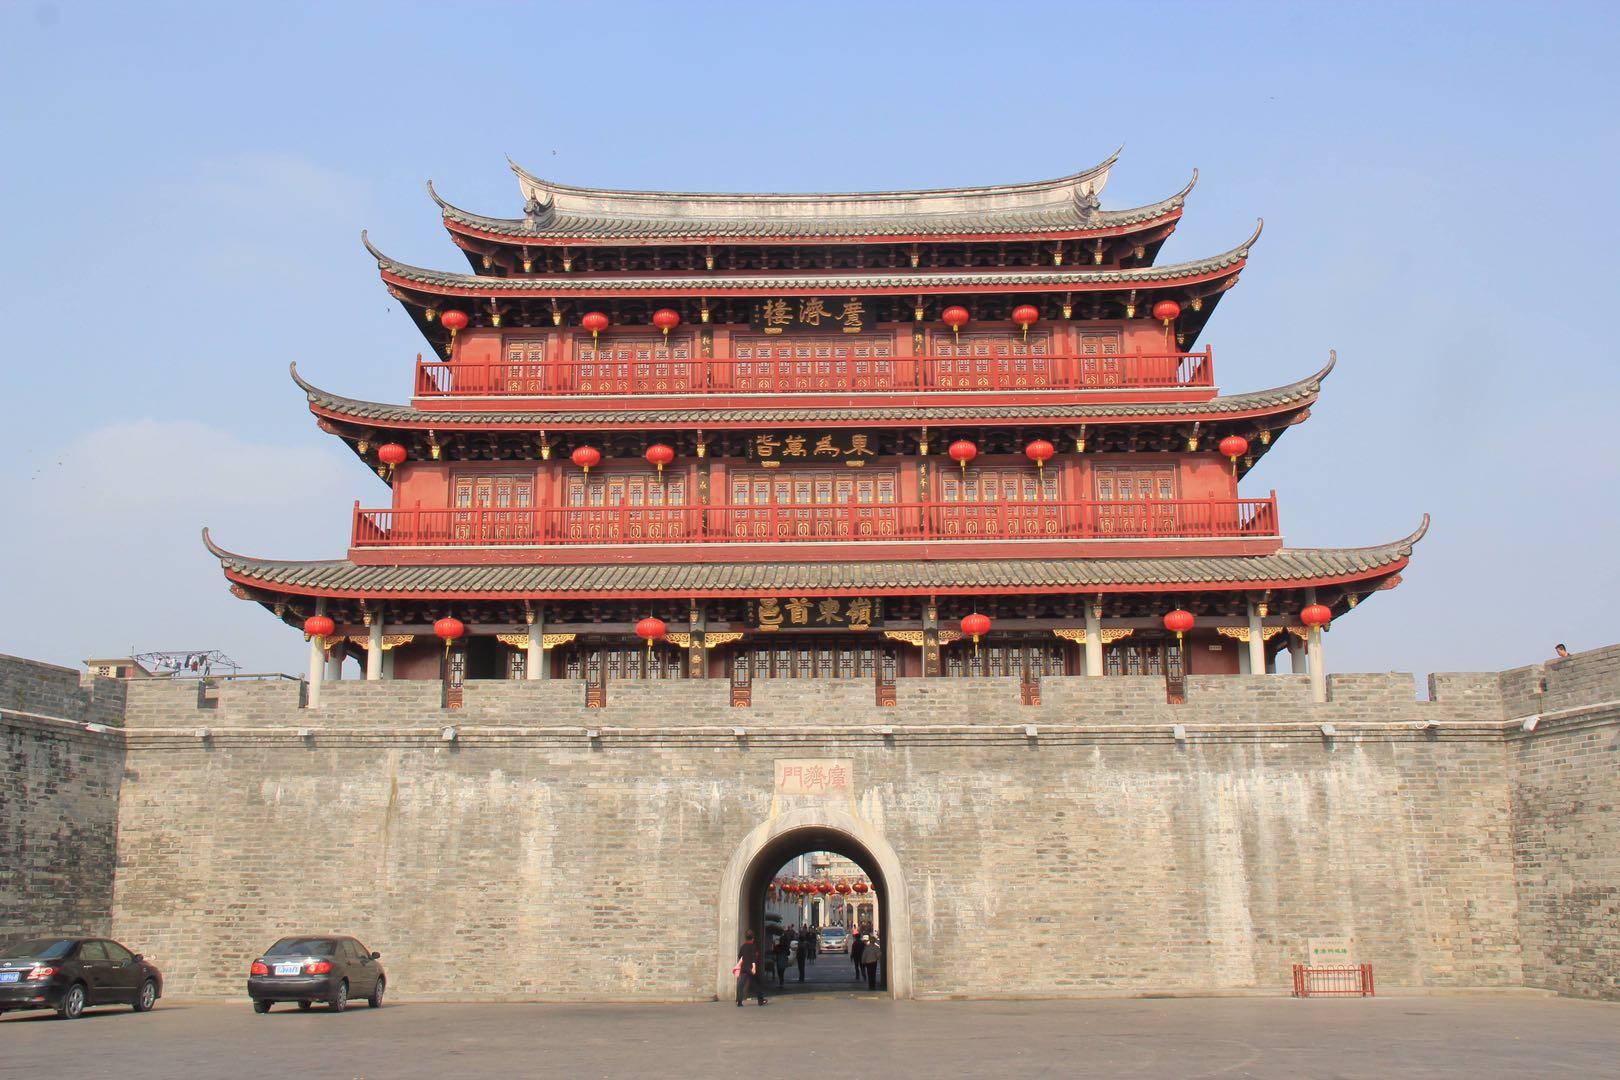 広済門城楼